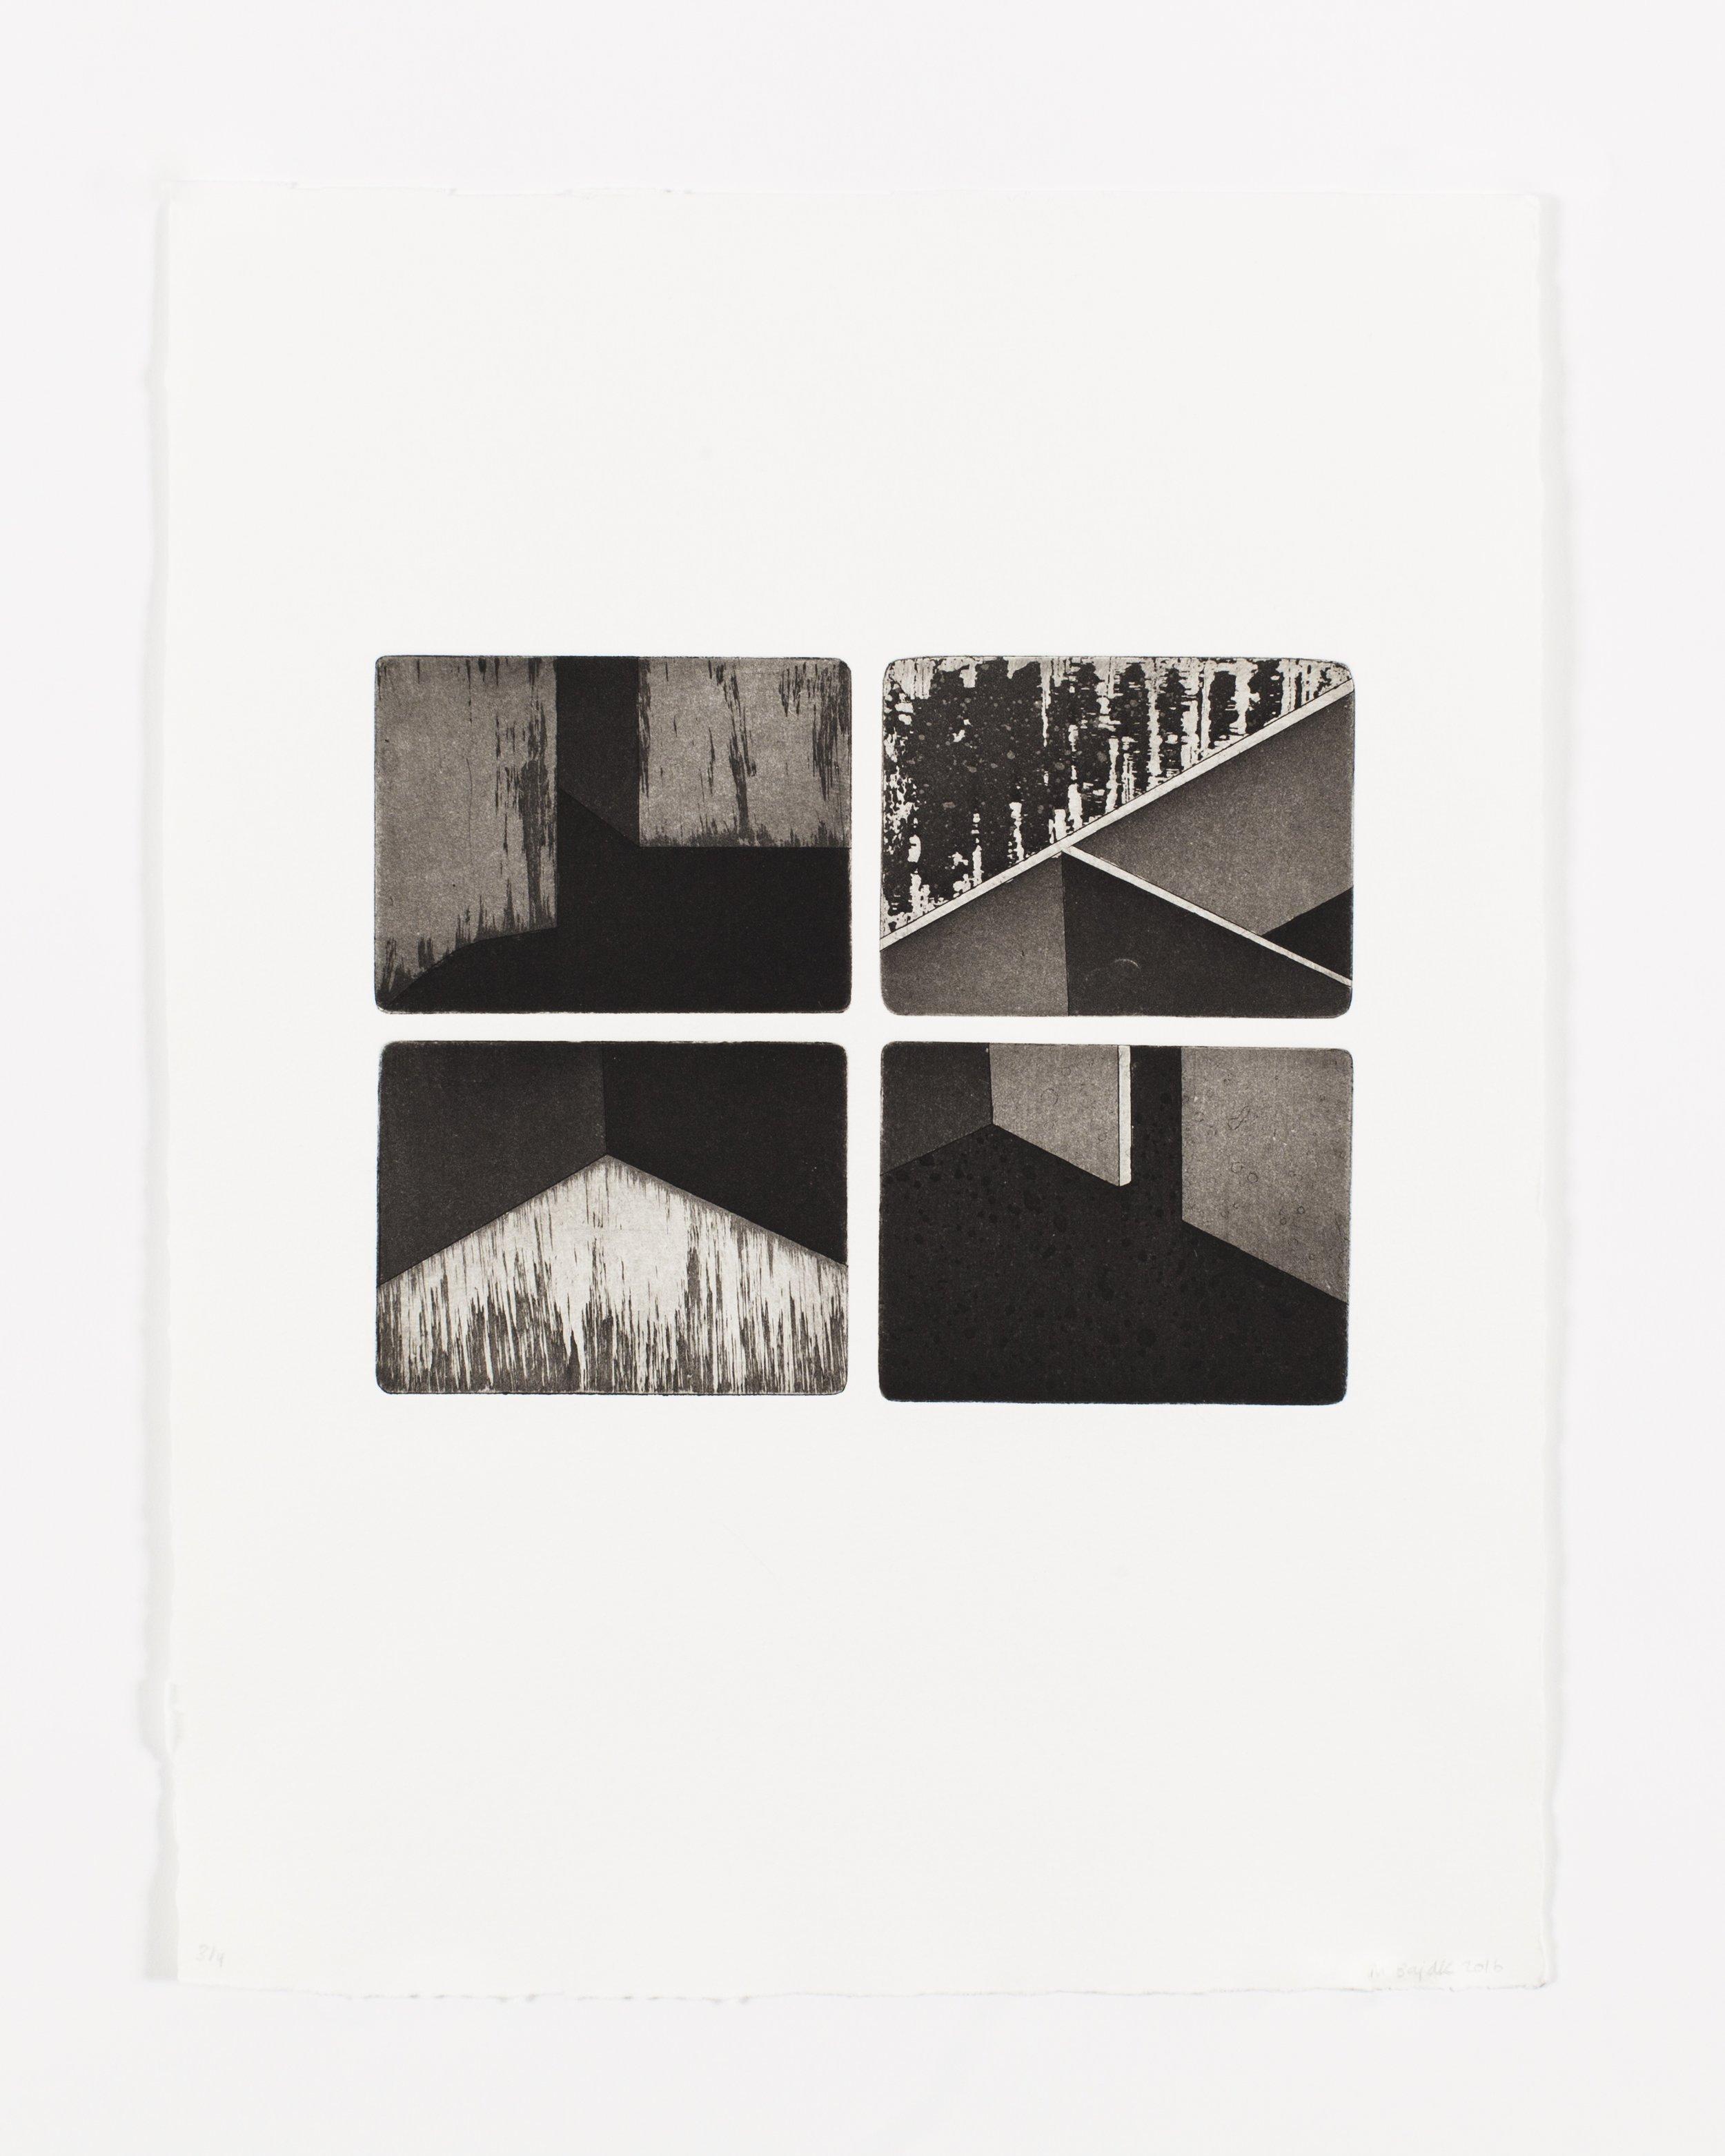 interiors, 2016